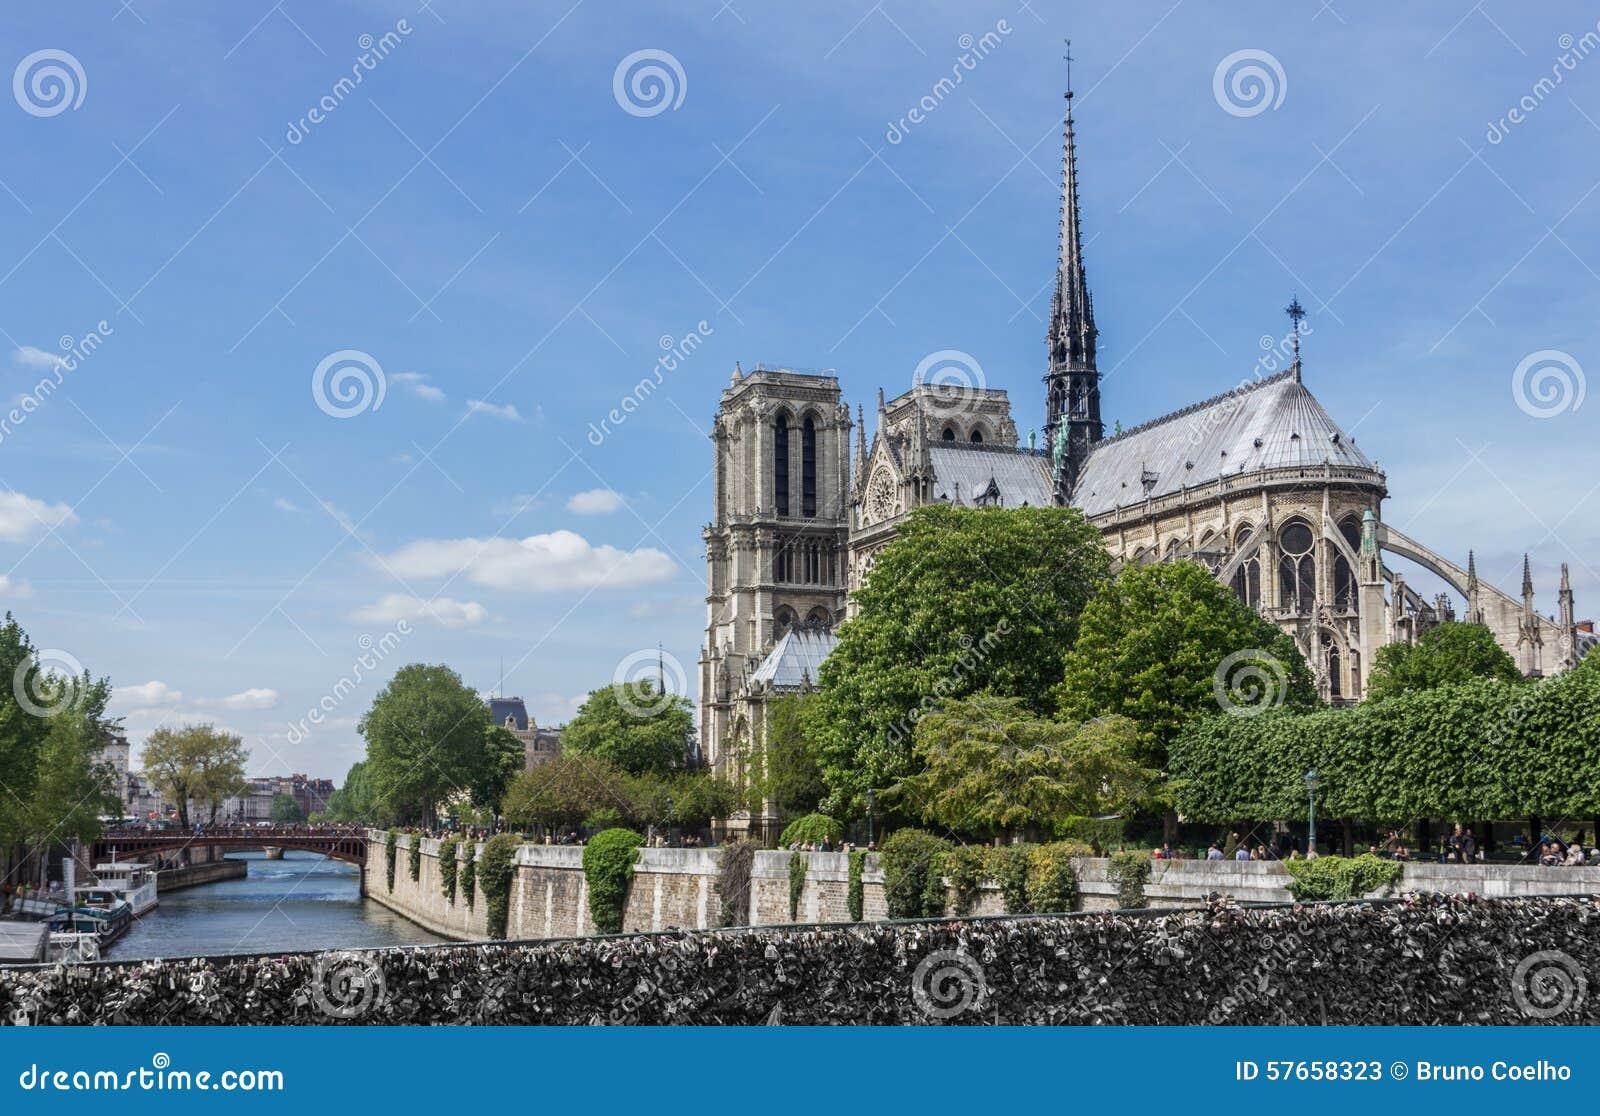 Cathédrale Notre-Dame III